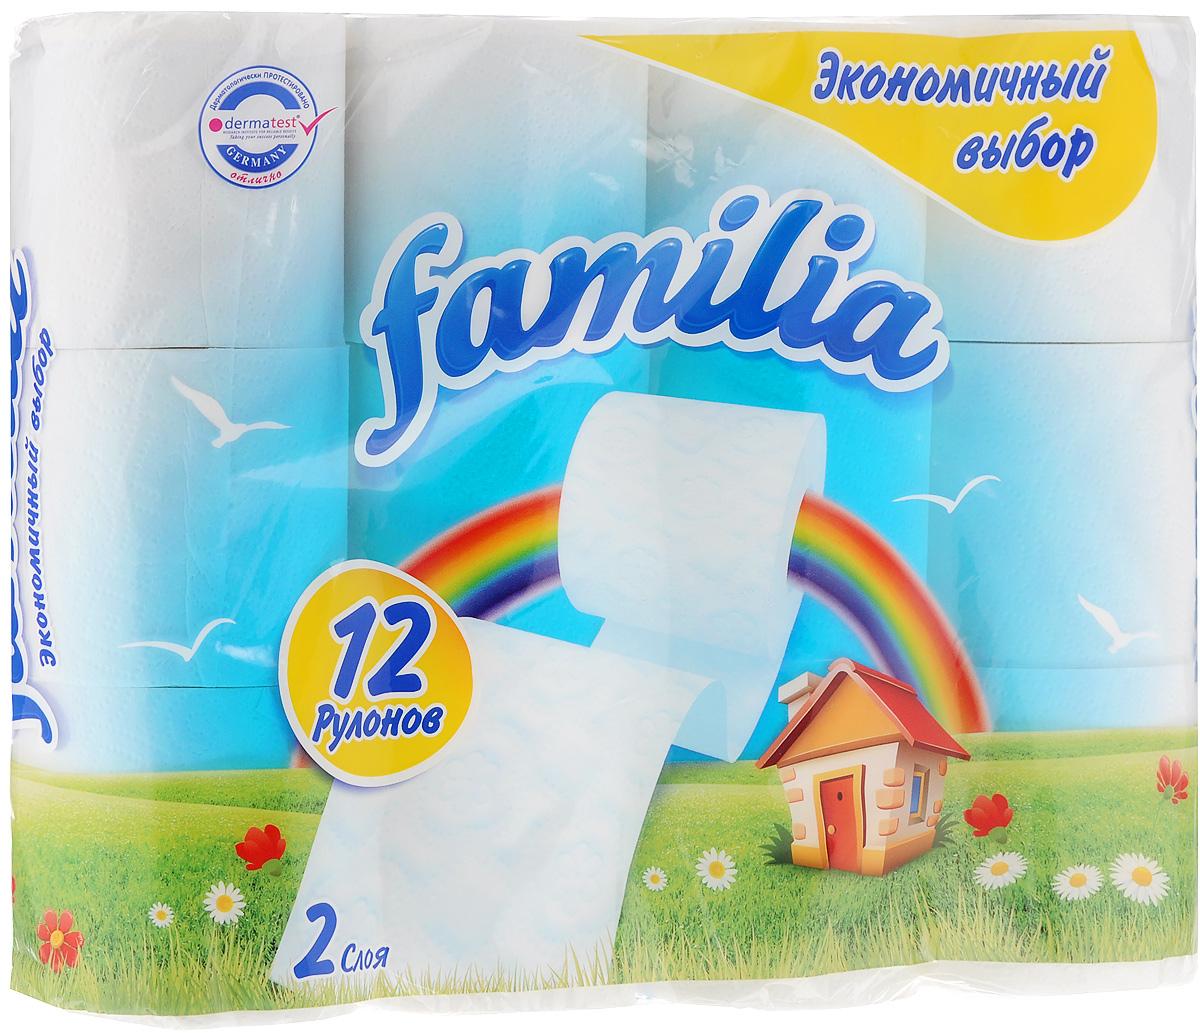 Бумага туалетная Familia Радуга, двухслойная, 12 рулонов8264Двухслойная туалетная бумага Familia Радуга изготовлена из вторичного сырья (переработанной бумаги) и целлюлозы. Мягкая, нежная, но в тоже время прочная, бумага не расслаивается и отрывается строго по линии перфорации.Количество рулонов: 12 шт. Длина одного рулона: 16,9 м.